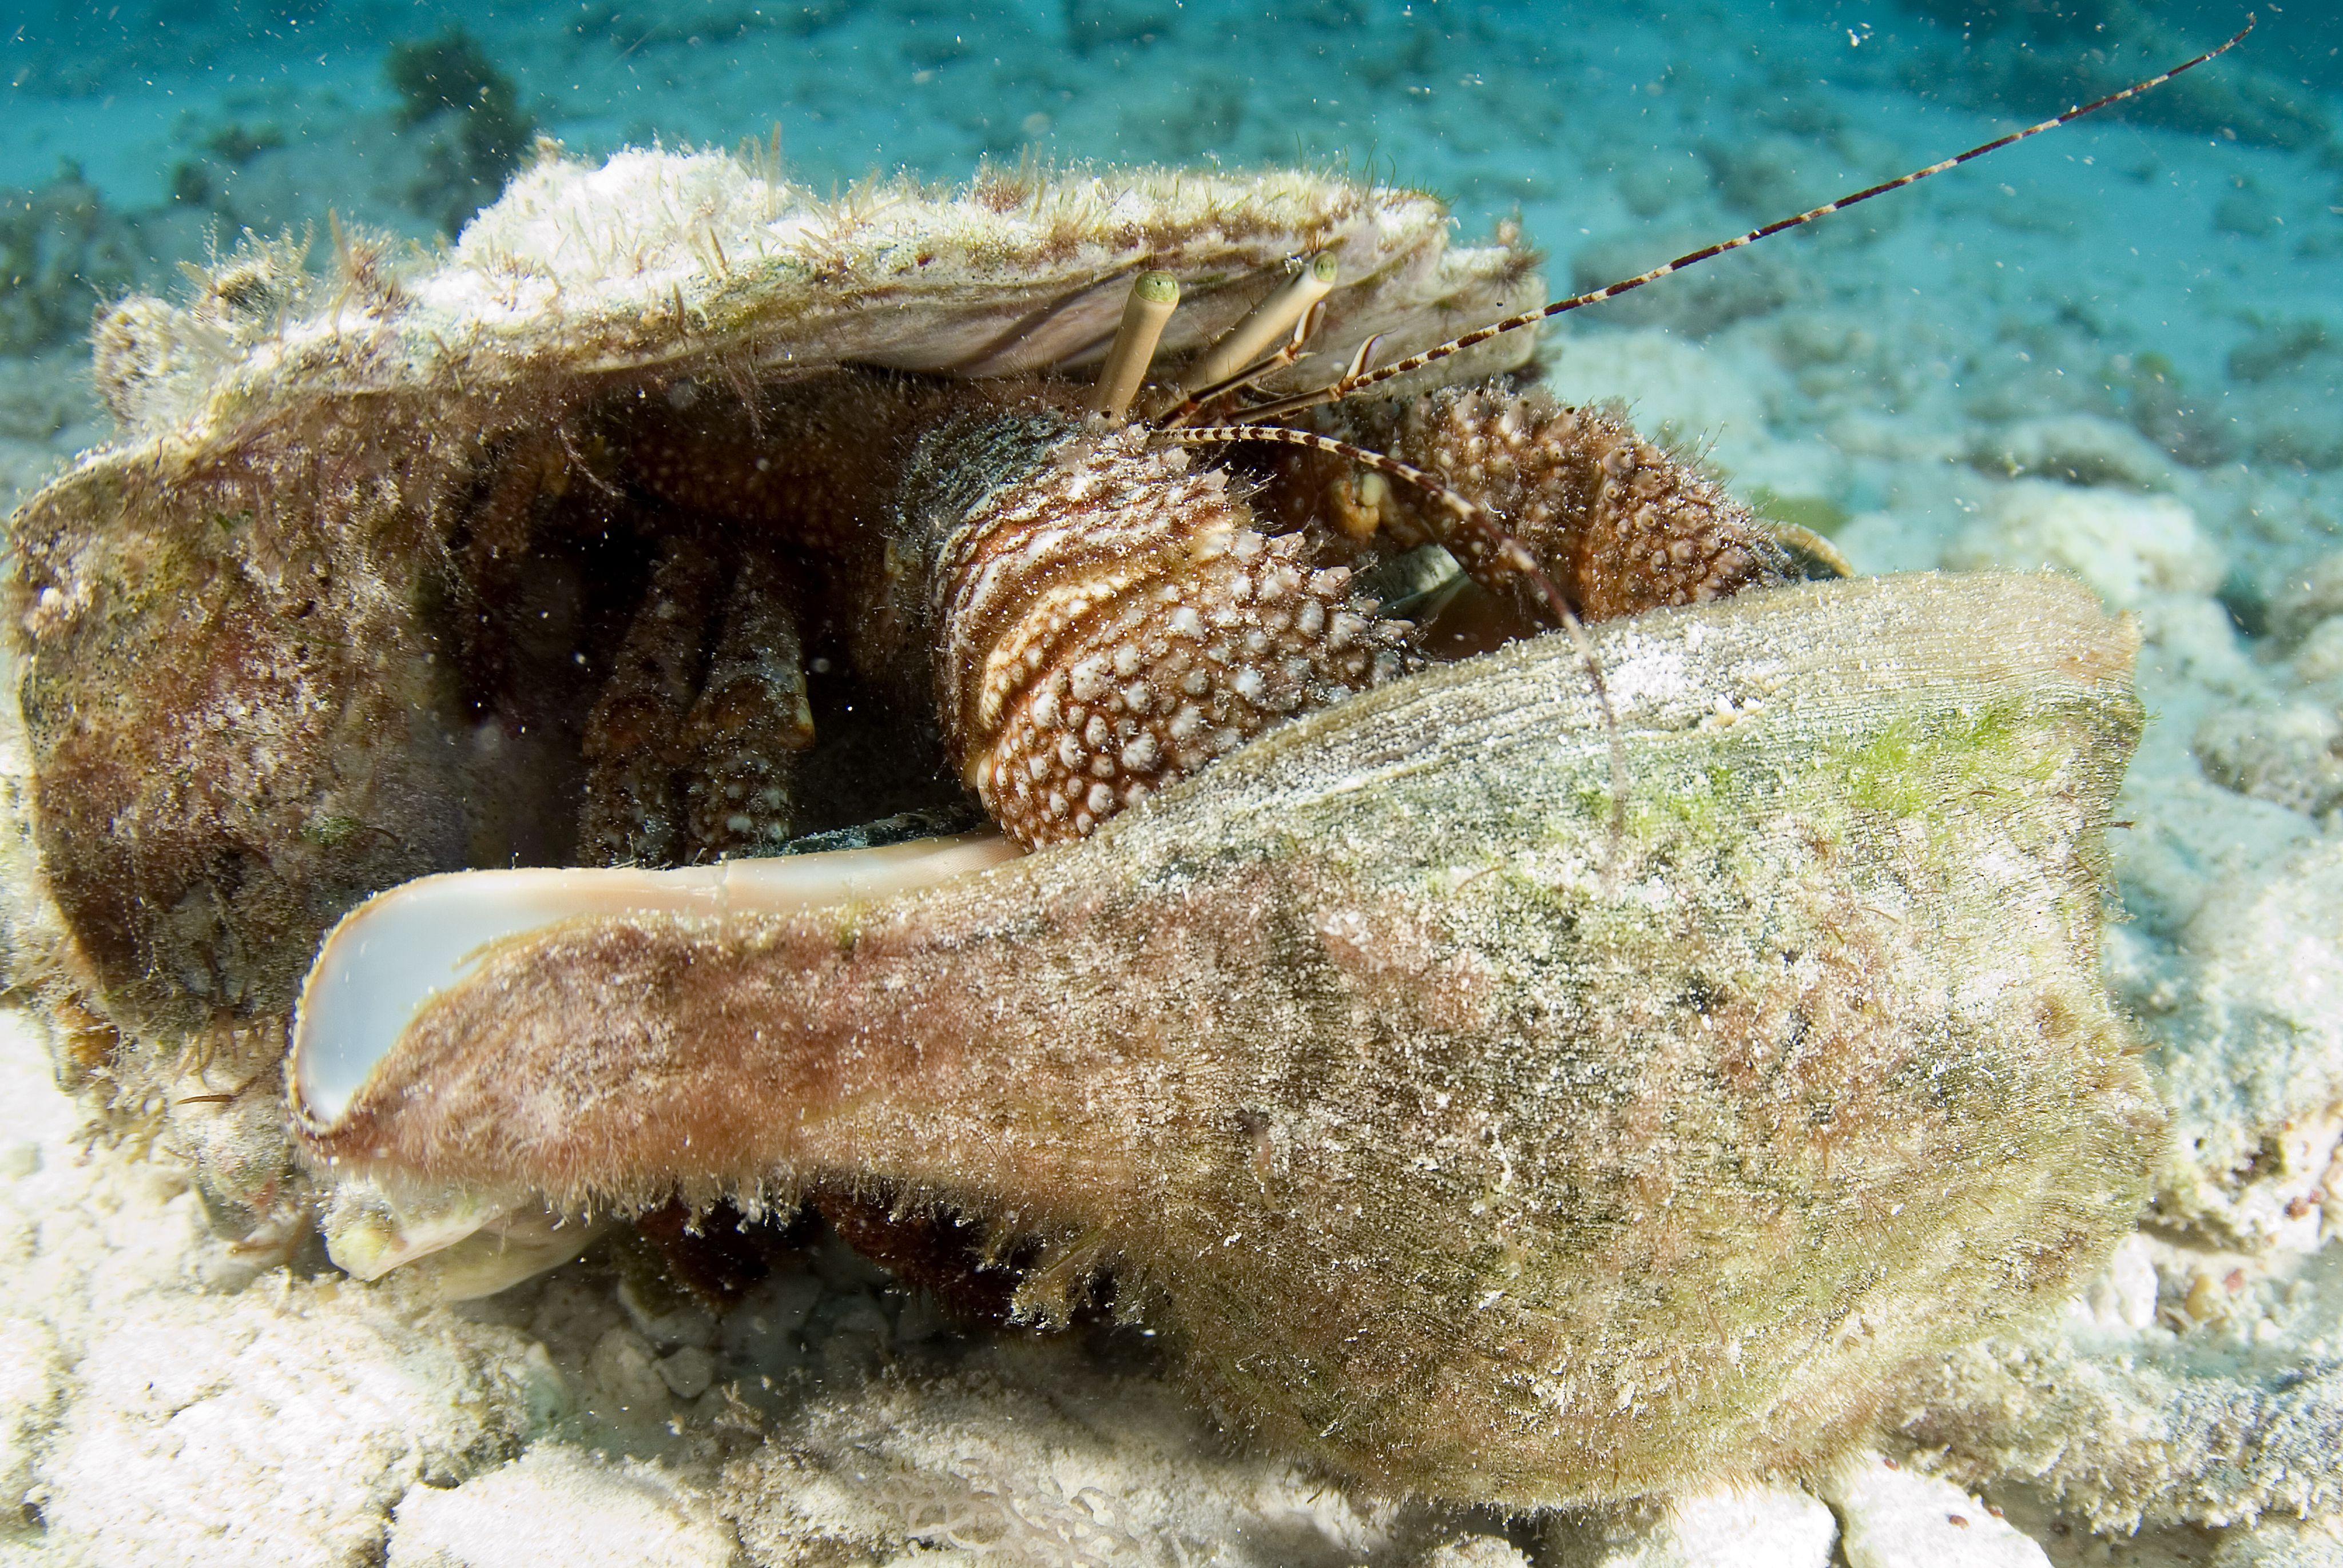 Rote Einsiedlerkrebs (Petrochirus diogenes), die Muscheln ändert, Cancun, Mexiko